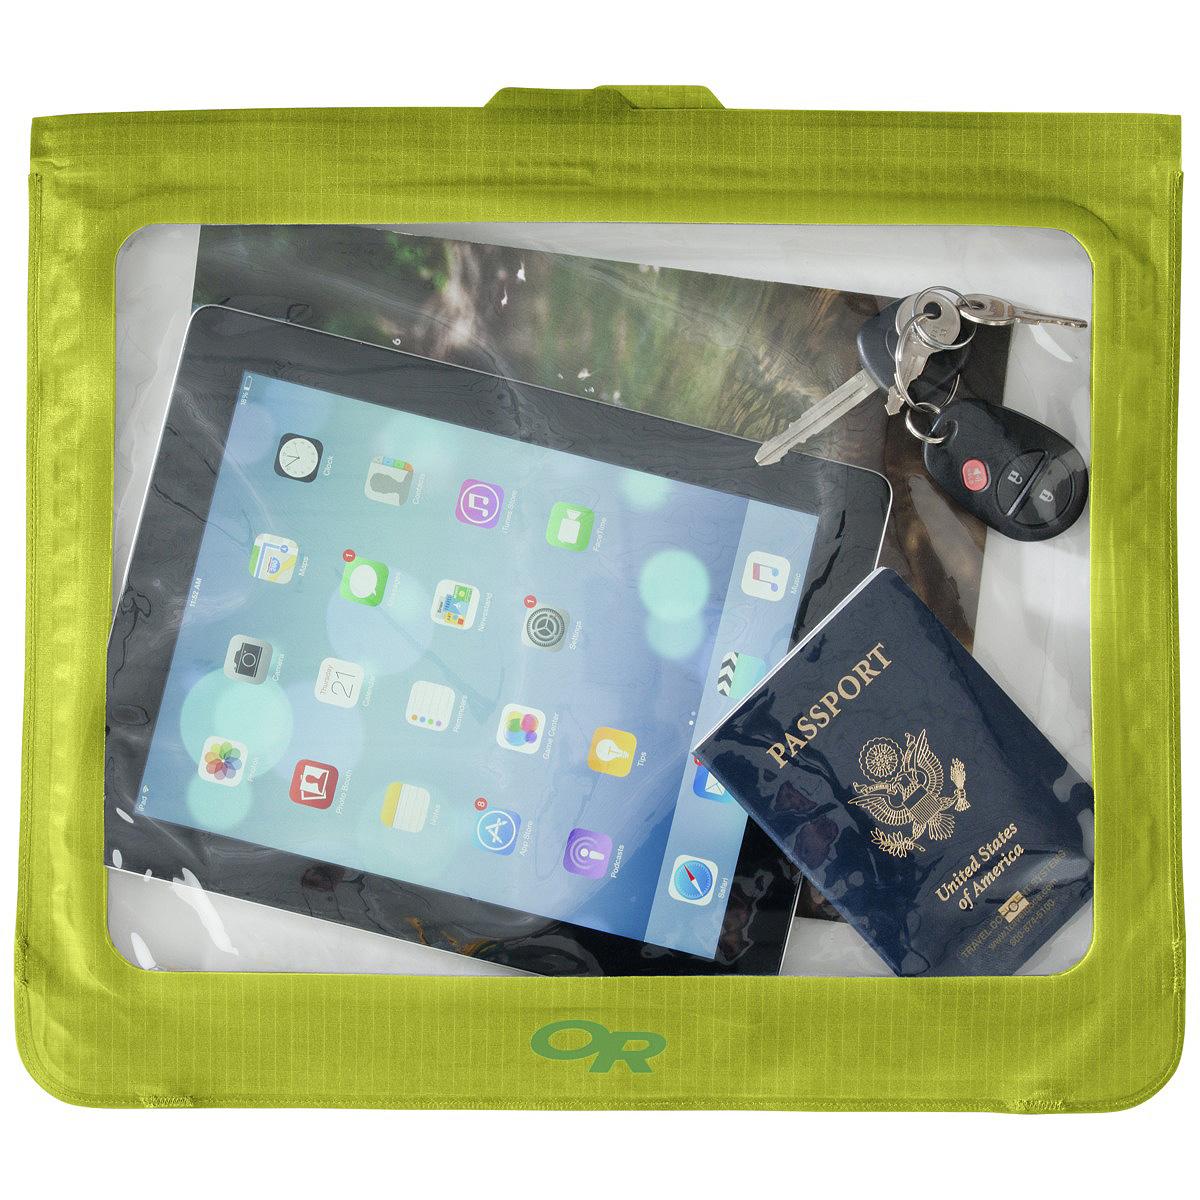 Гермочехол для электроники Outdoor Research Sensor Dry Envelope Large Lemongrass, цвет: зеленый2501600489Полностью непромокаемый гермочехол для планшета Outdoor Research сохранит ваше электронное устройство от попадания влаги. Сенсорный экран позволяет пользоваться планшетом в любых экстремальных условиях. Чехол имеет герметичную застежку.